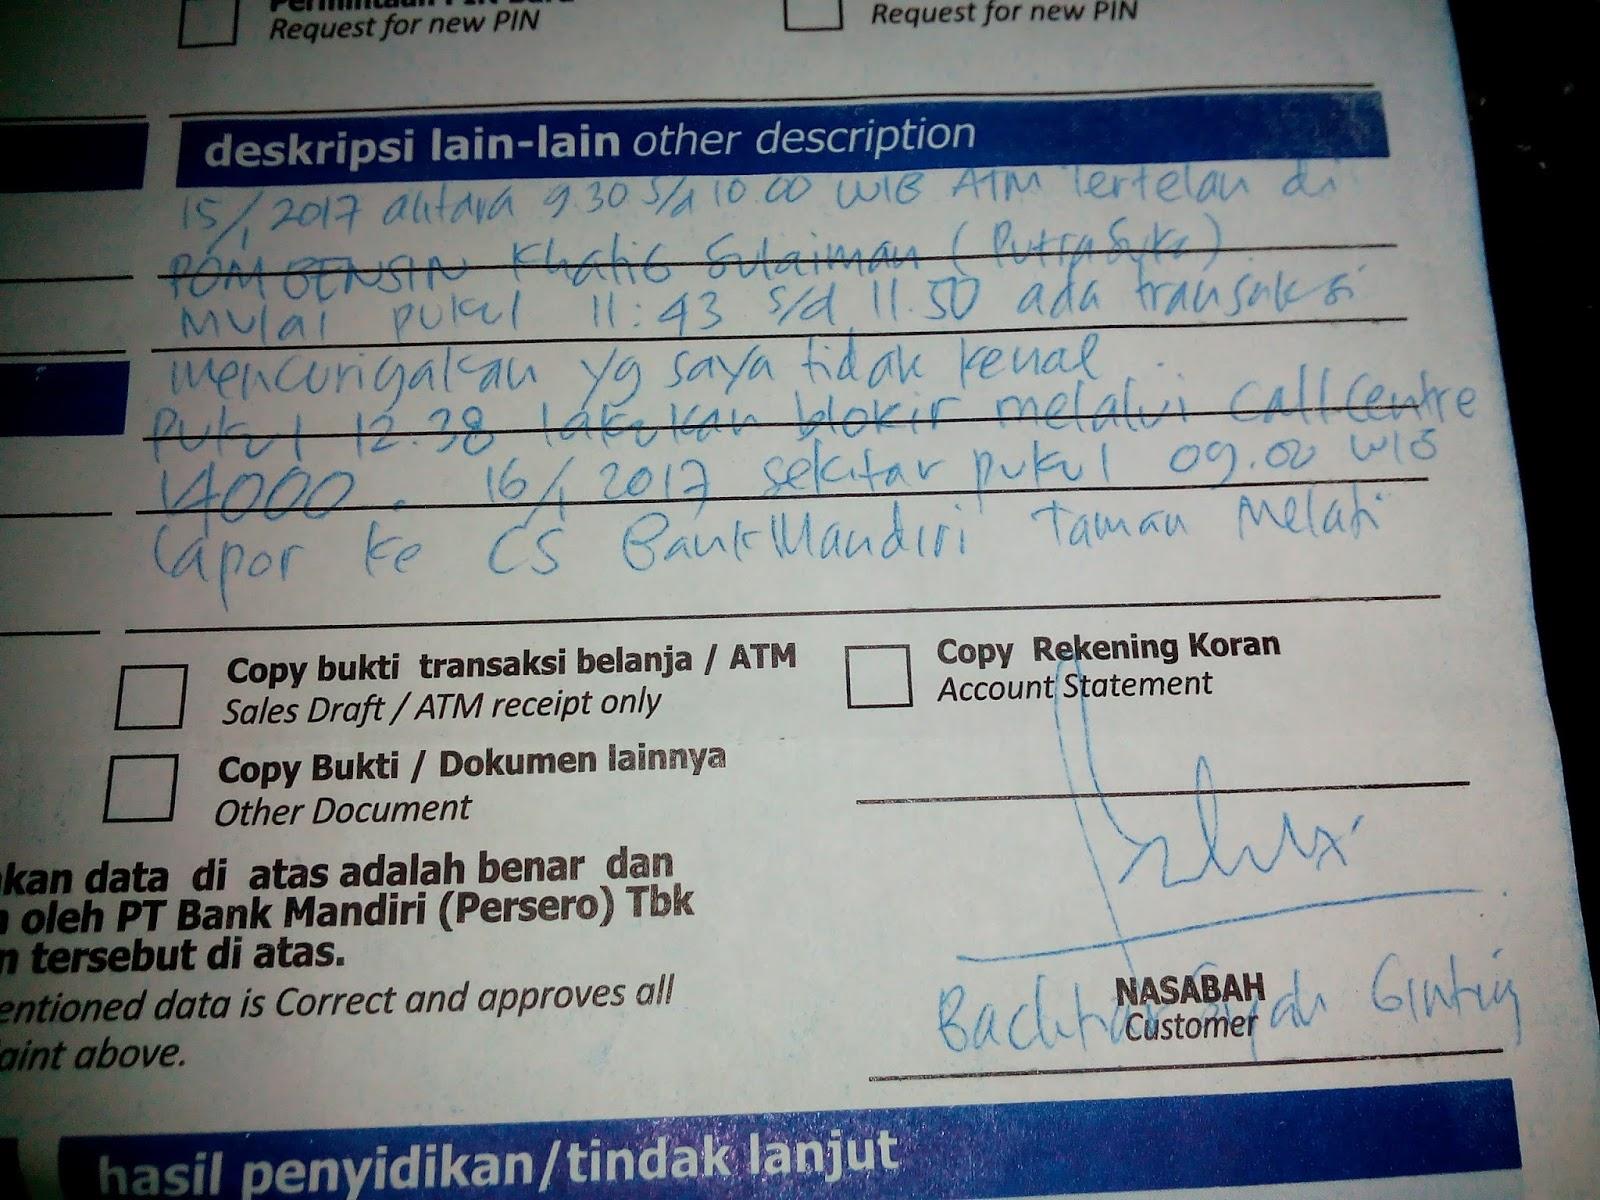 Senin 16 Januari 2017 mengunjungi kantor Bank Mandiri untuk membuat laporan keluhan nasabah dan memohon melihat CCTV yang berada di mesin ATM